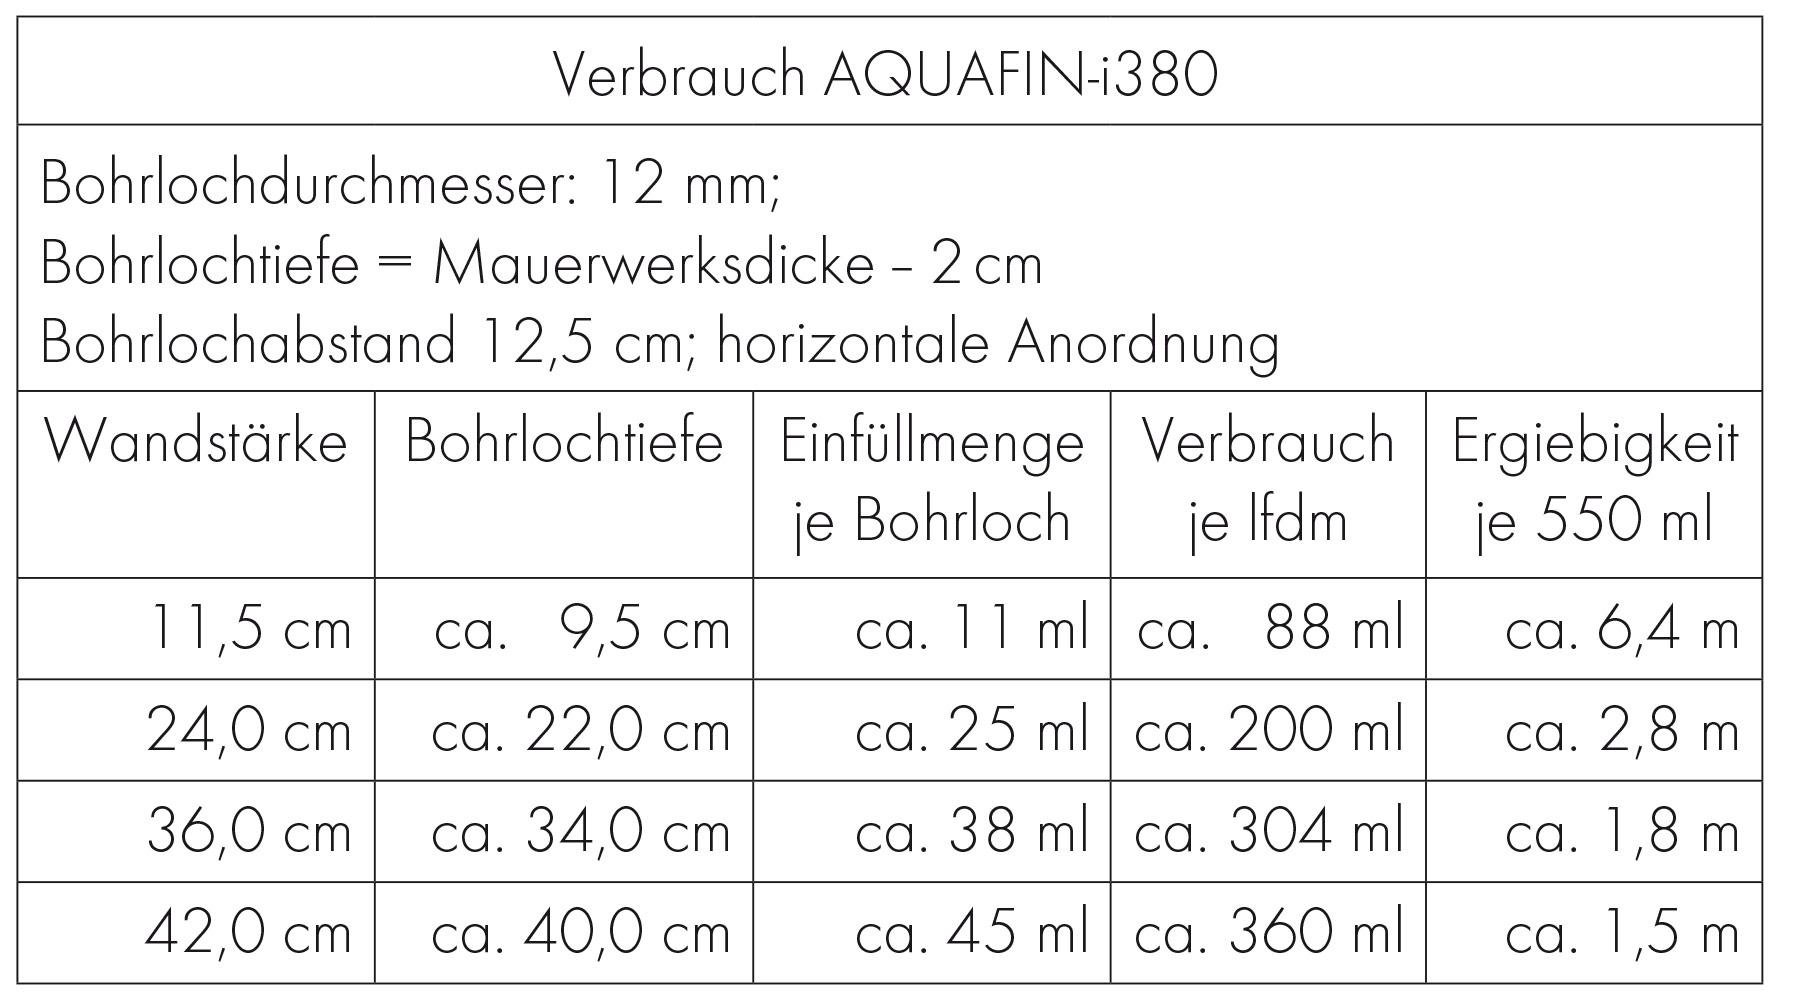 AQUAFIN-i380 | SCHOMBURG